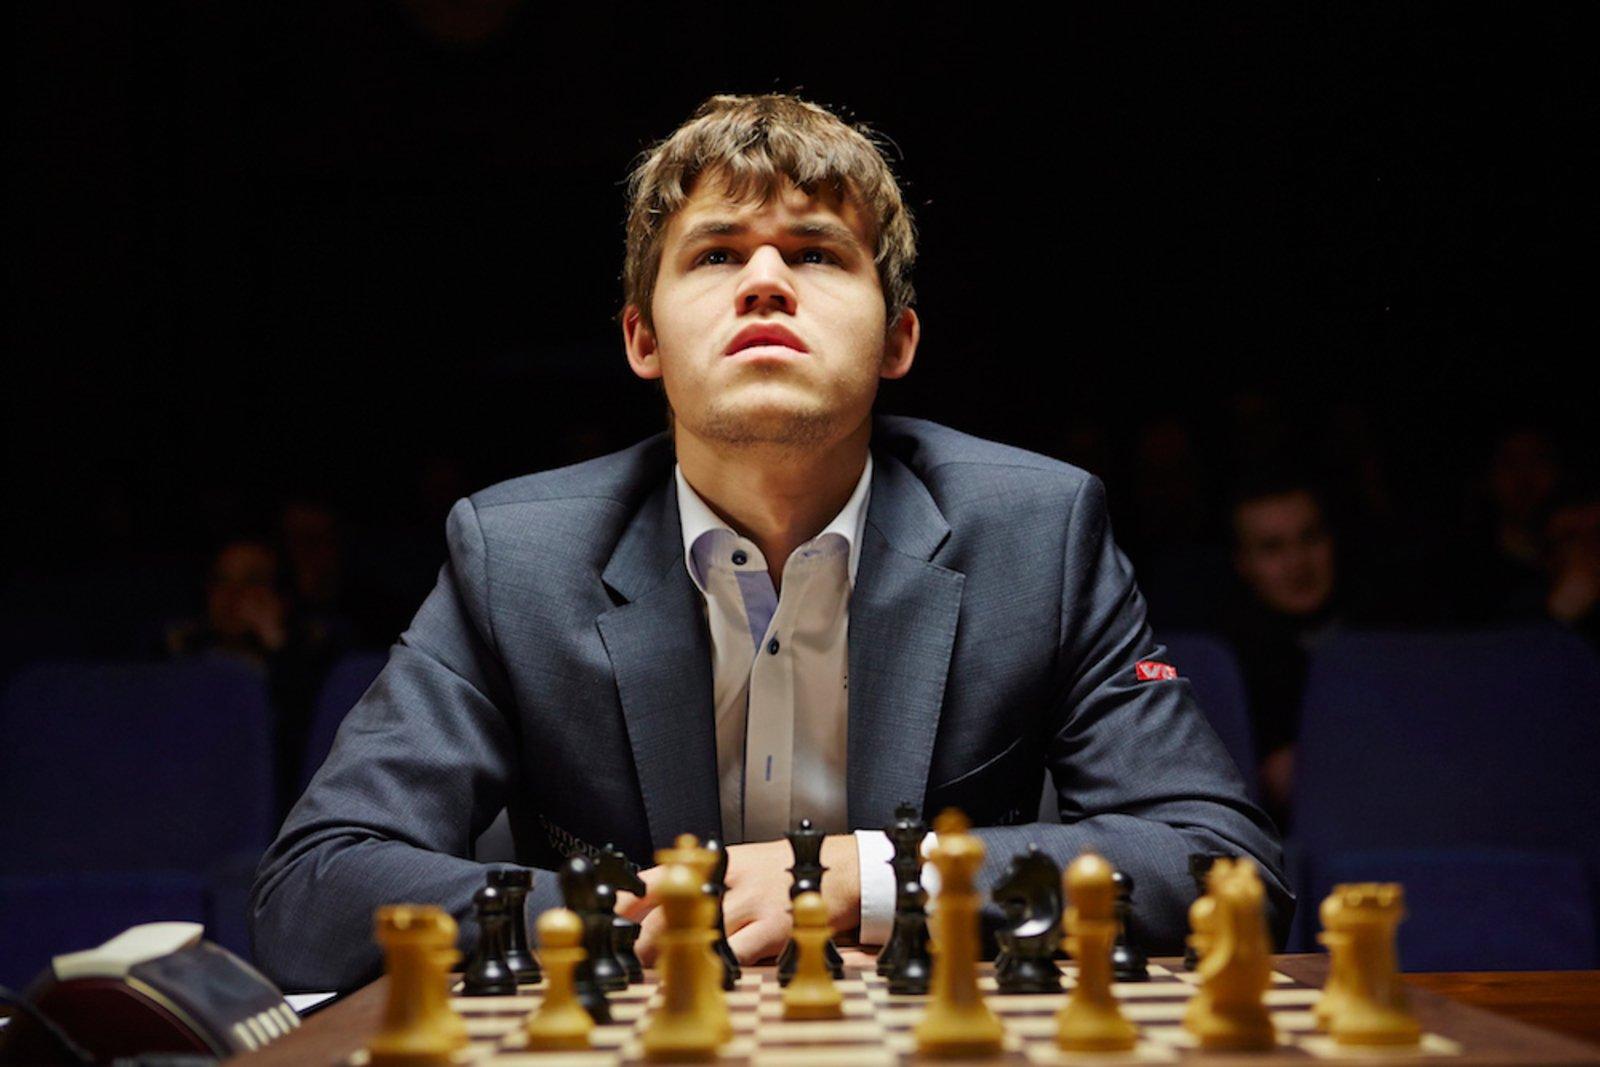 large_magnus-carlsen-chess-documentary-tribeca-film-festival-2016